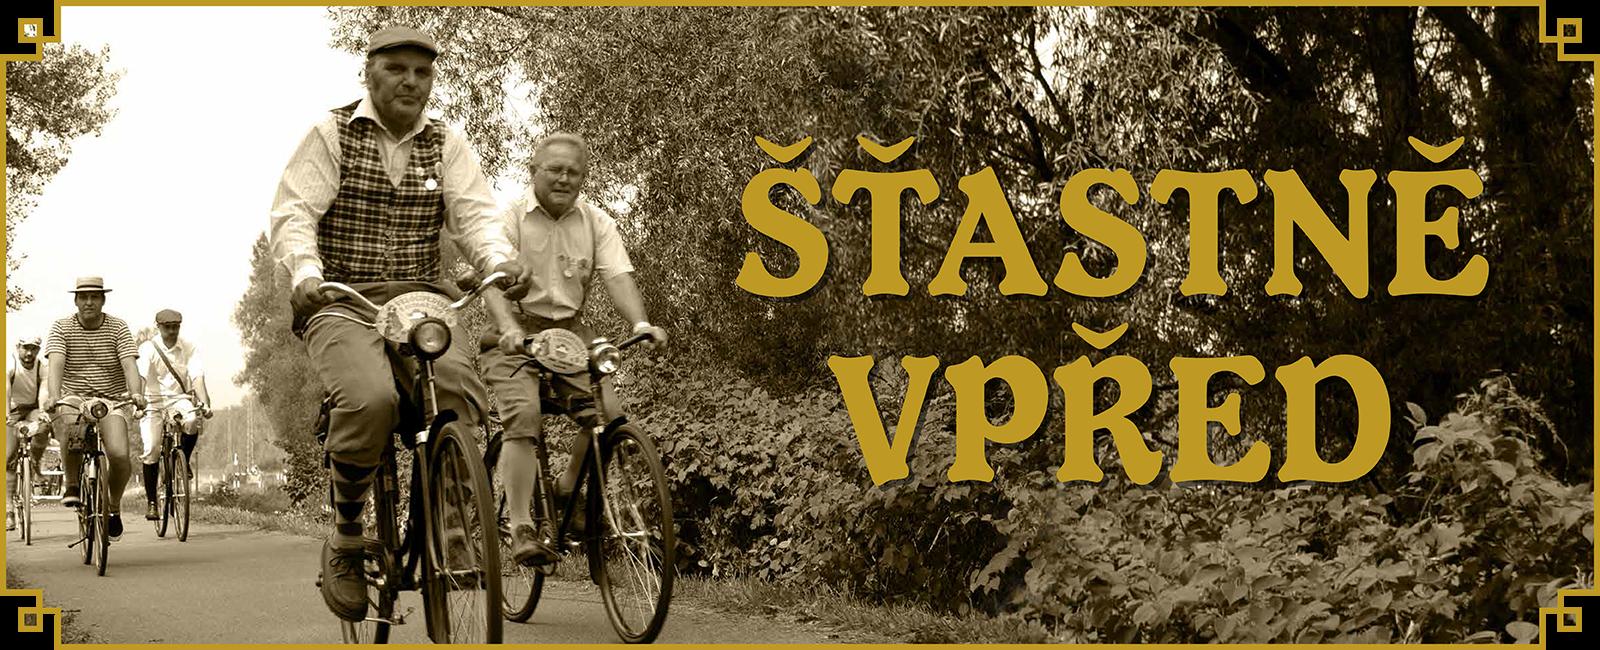 web-banner-stastne-vpred-1600-x-650-px-2